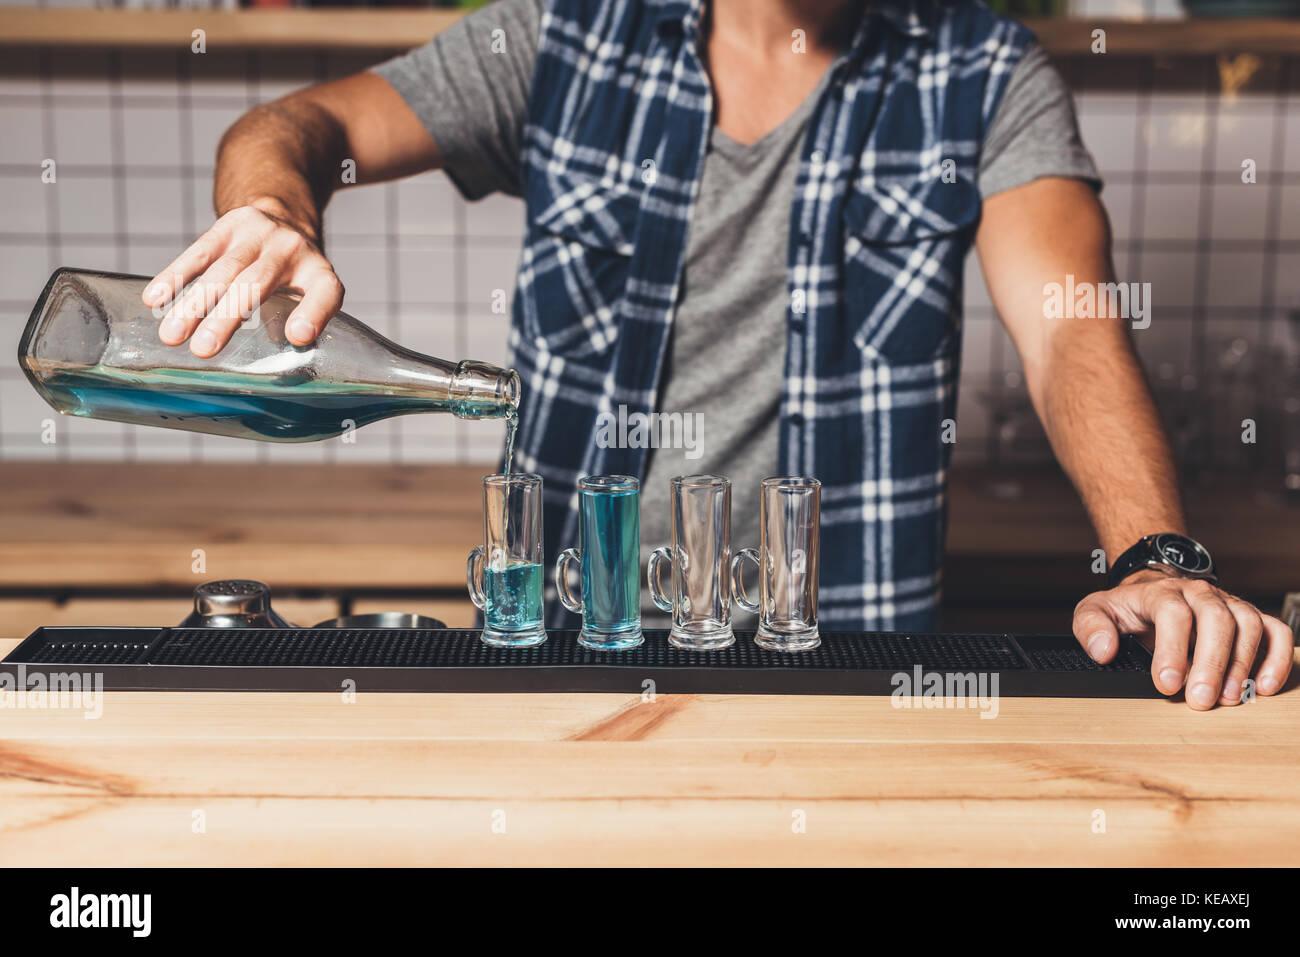 barman making alcohol shots - Stock Image